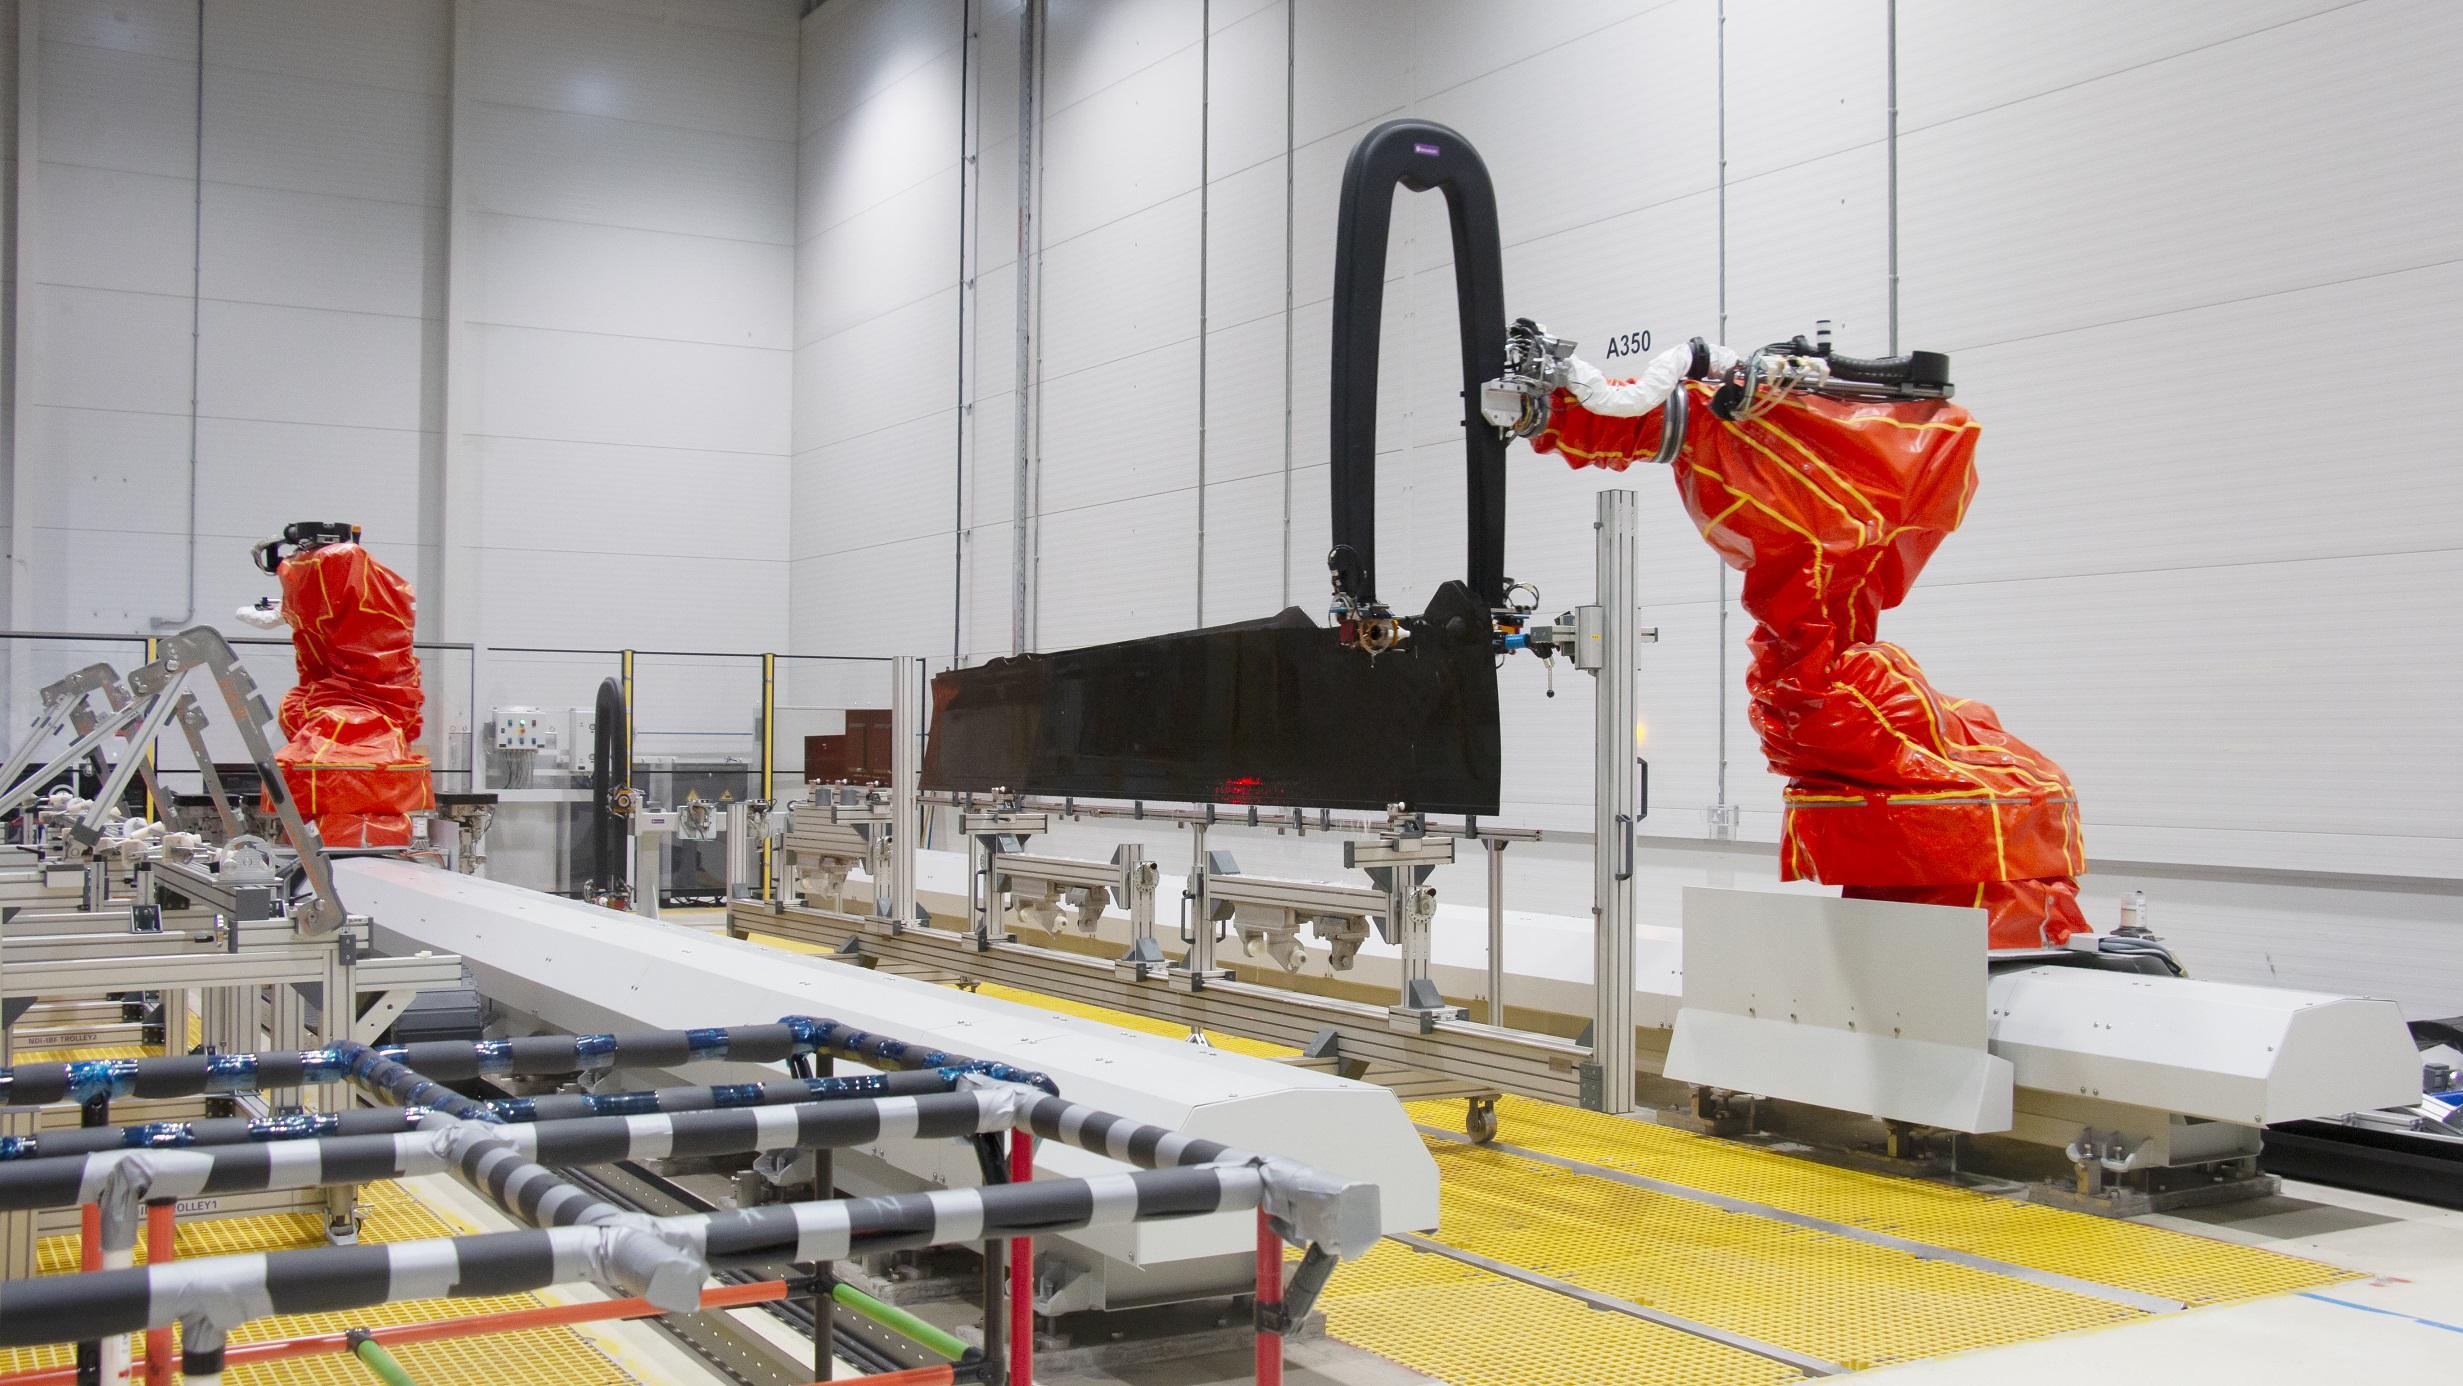 """""""ستراتا"""" تتبنى تقنيات الثورة الصناعية الرابعة لتعزيز قدراتها وتنويع محفظة منتجاتها"""